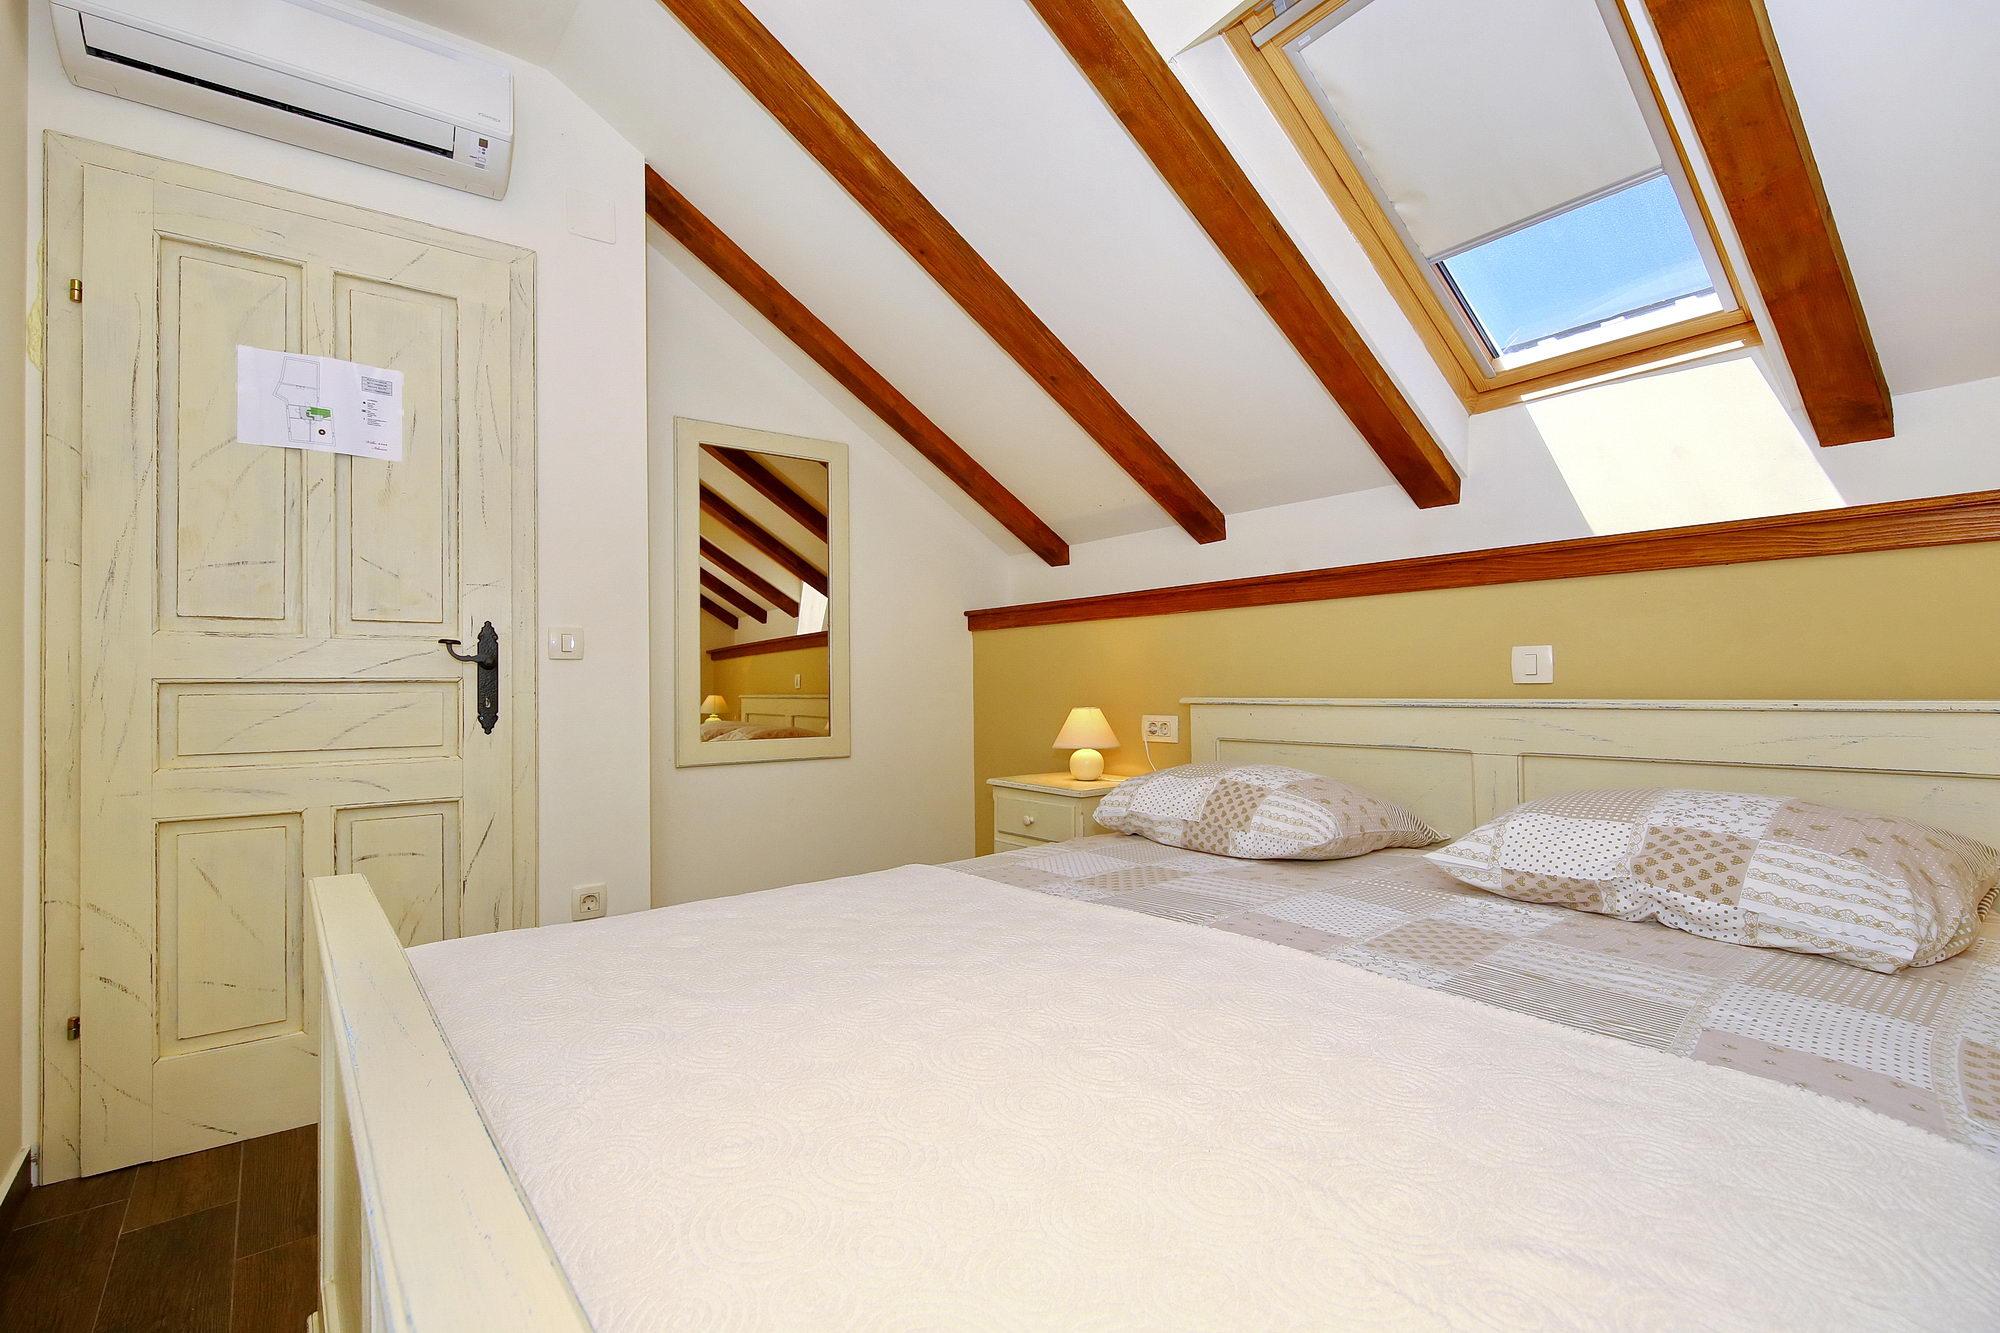 villa idassa ferienhaus in diklo mit meerblick balkon und terrasse kroatien zadar. Black Bedroom Furniture Sets. Home Design Ideas